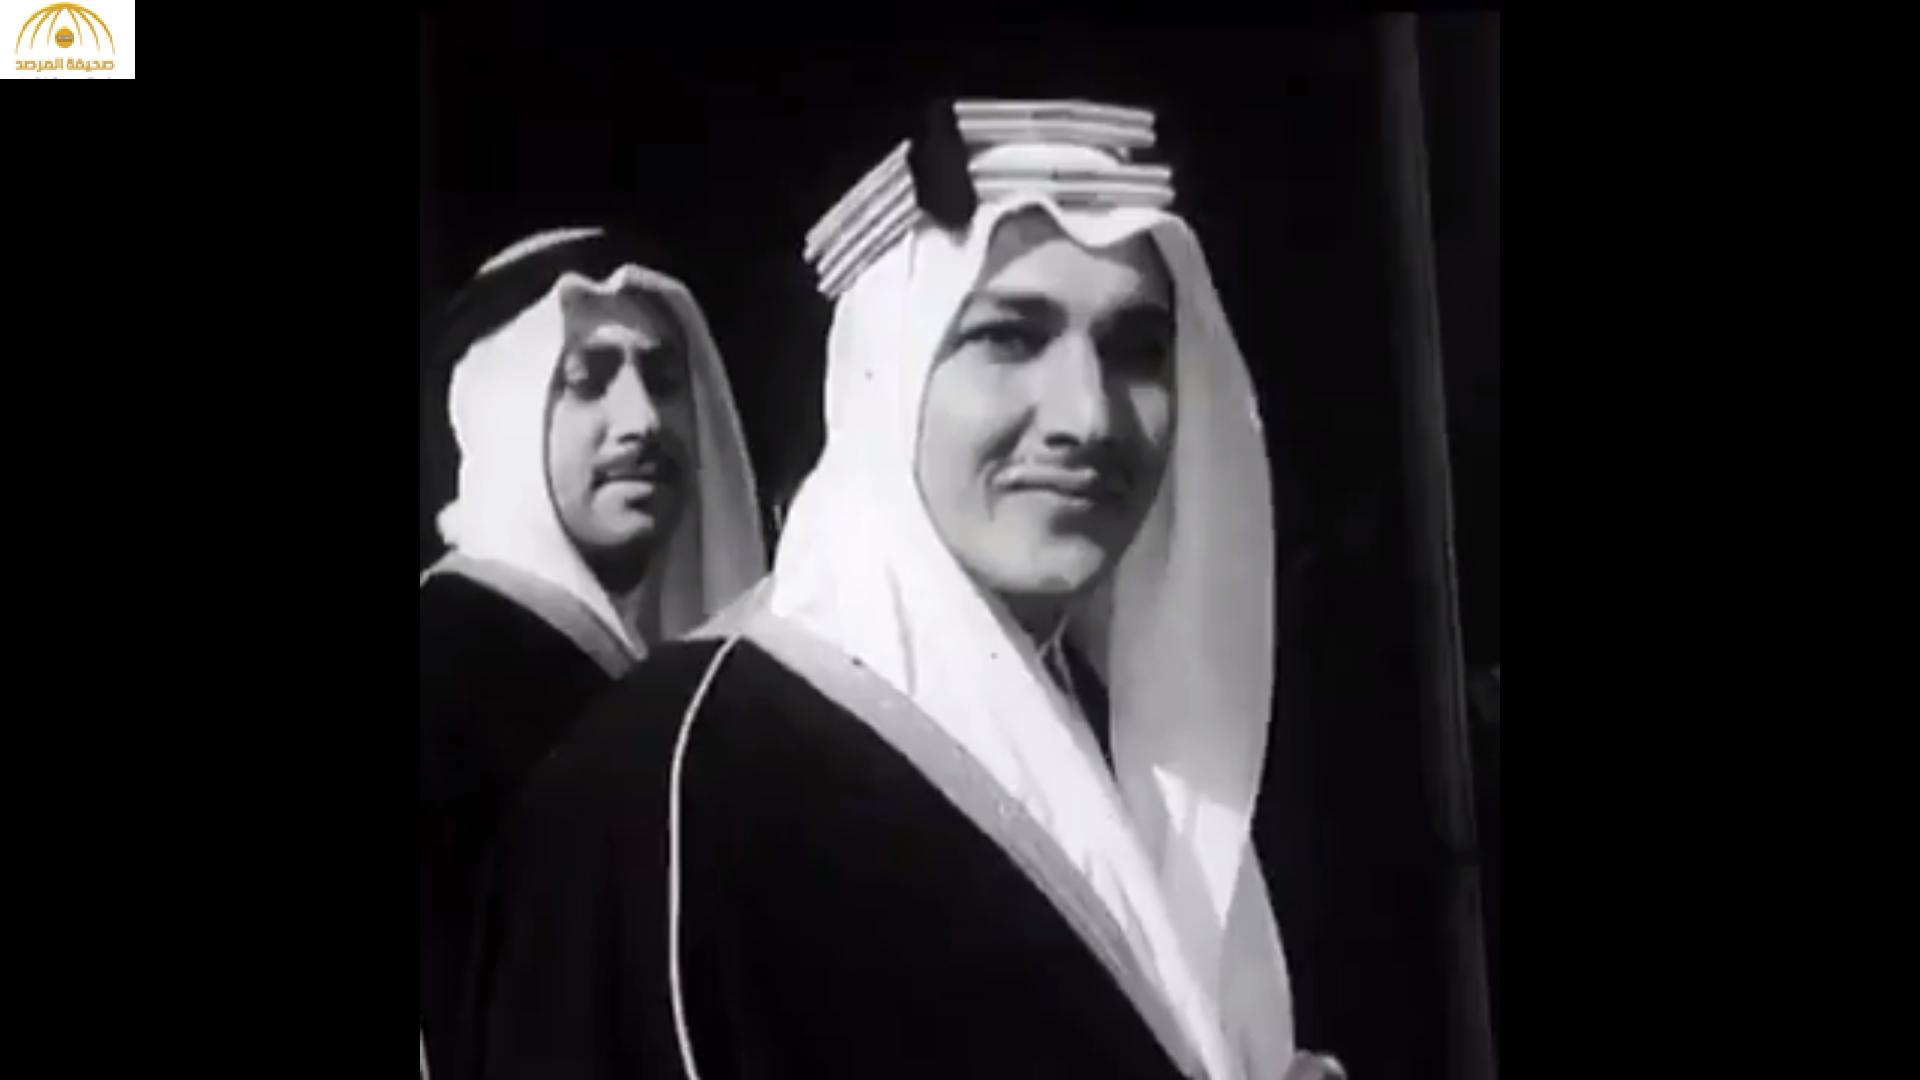 """شاهد: خالد بن طلال ينشر فيديو قديم لوالده وهو يحمل """"سيفا"""" أثناء تعيينه سفيرًا للمملكة في فرنسا"""